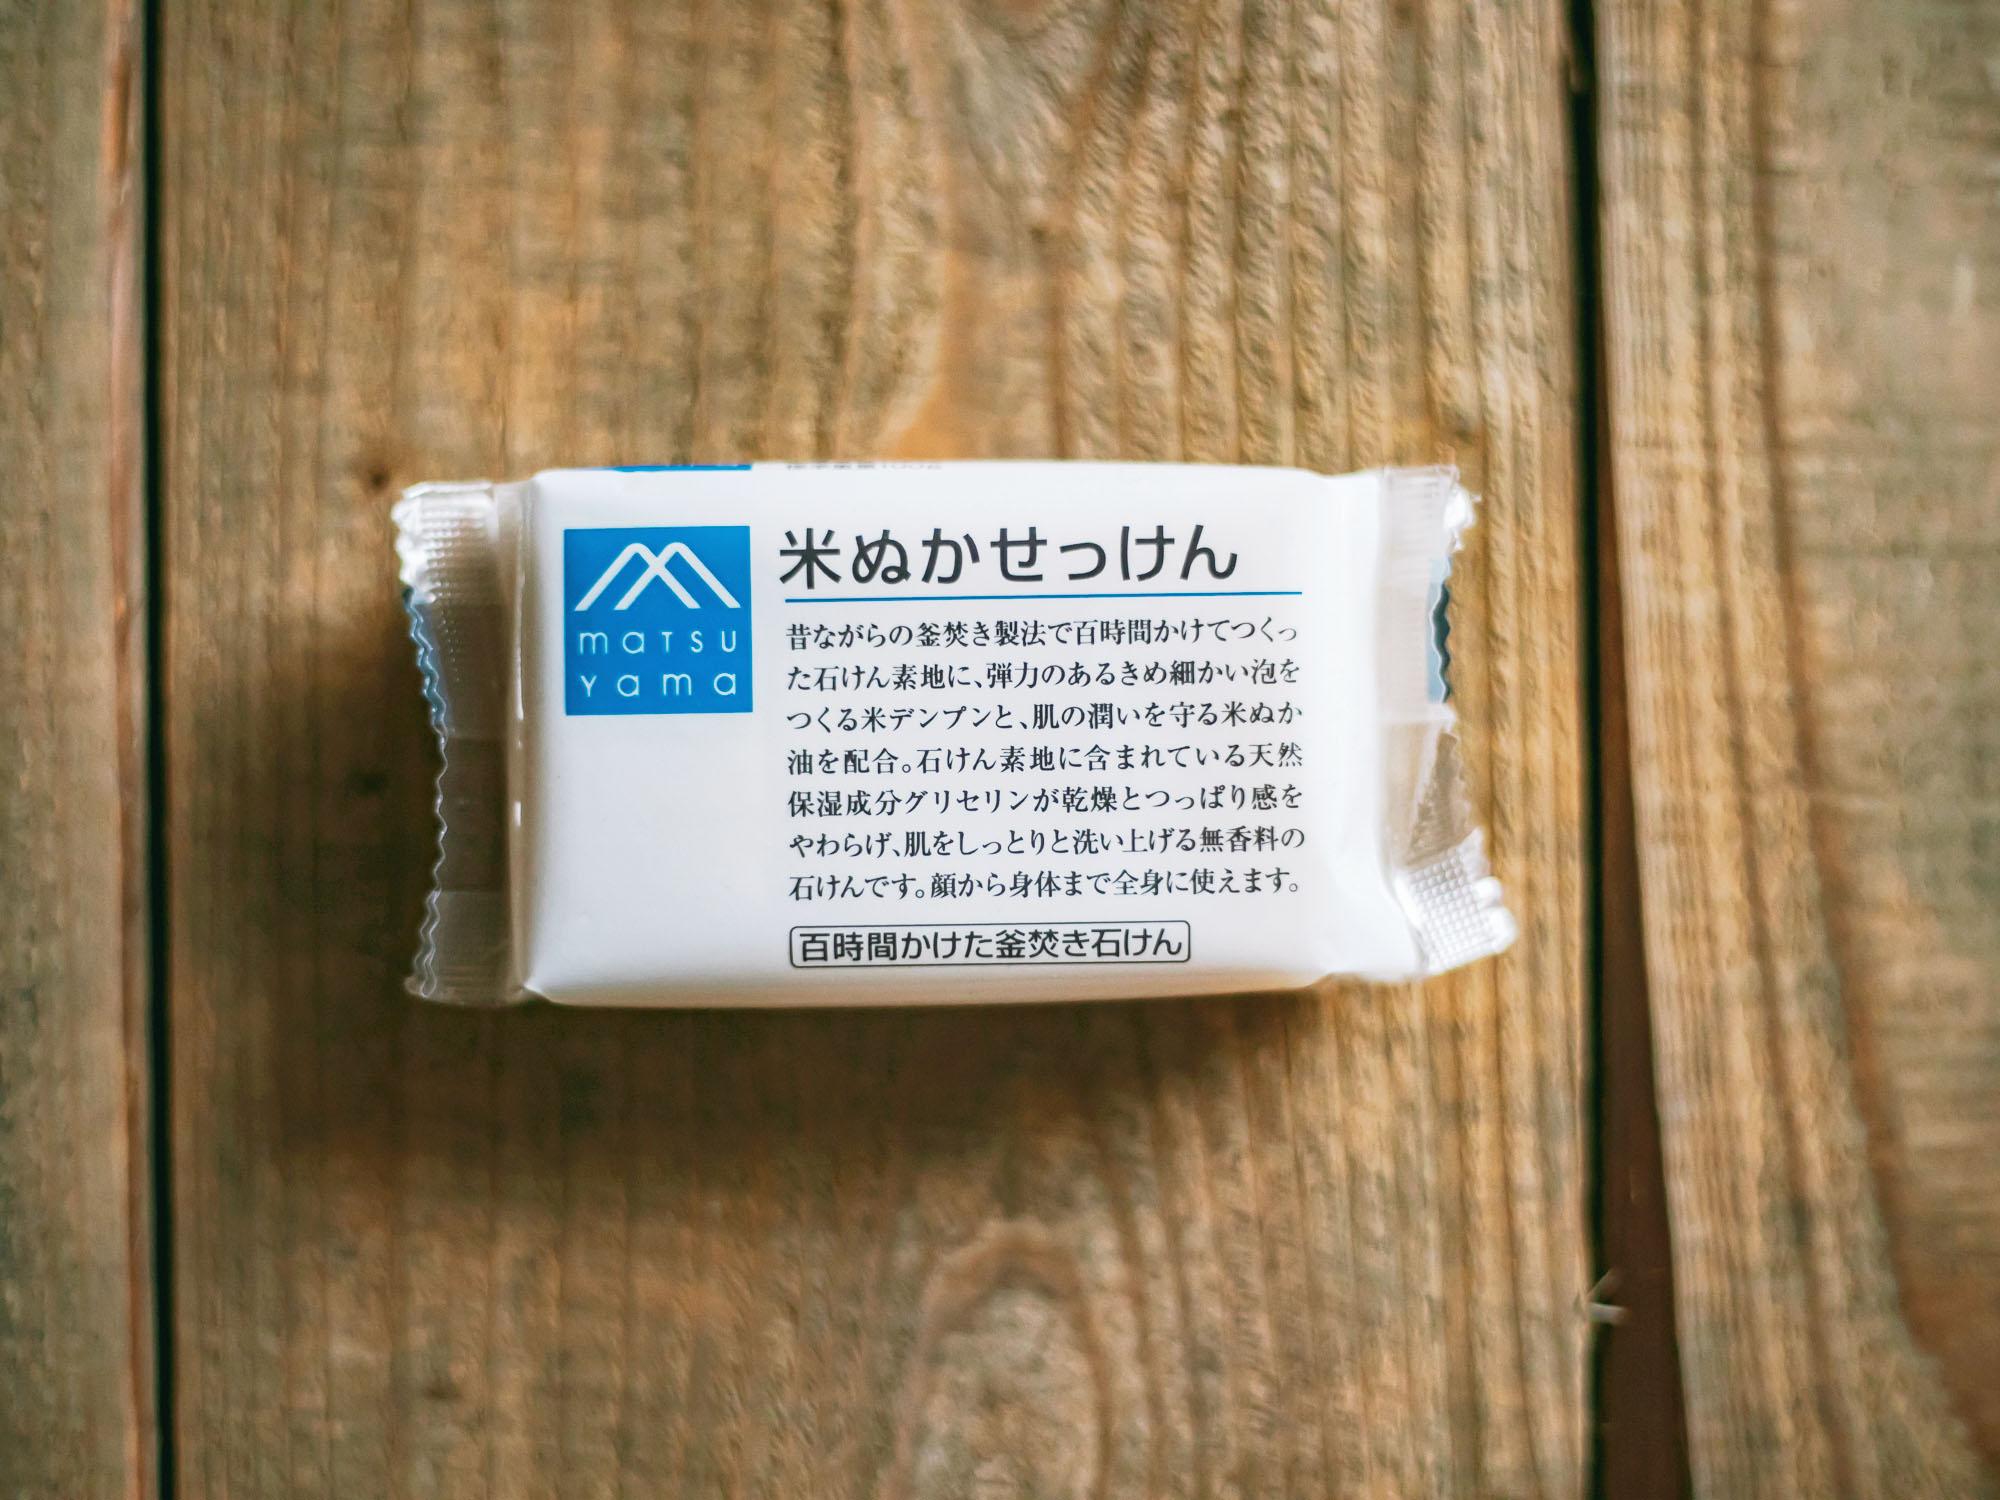 松山油脂 M-mark 米ぬかせっけん